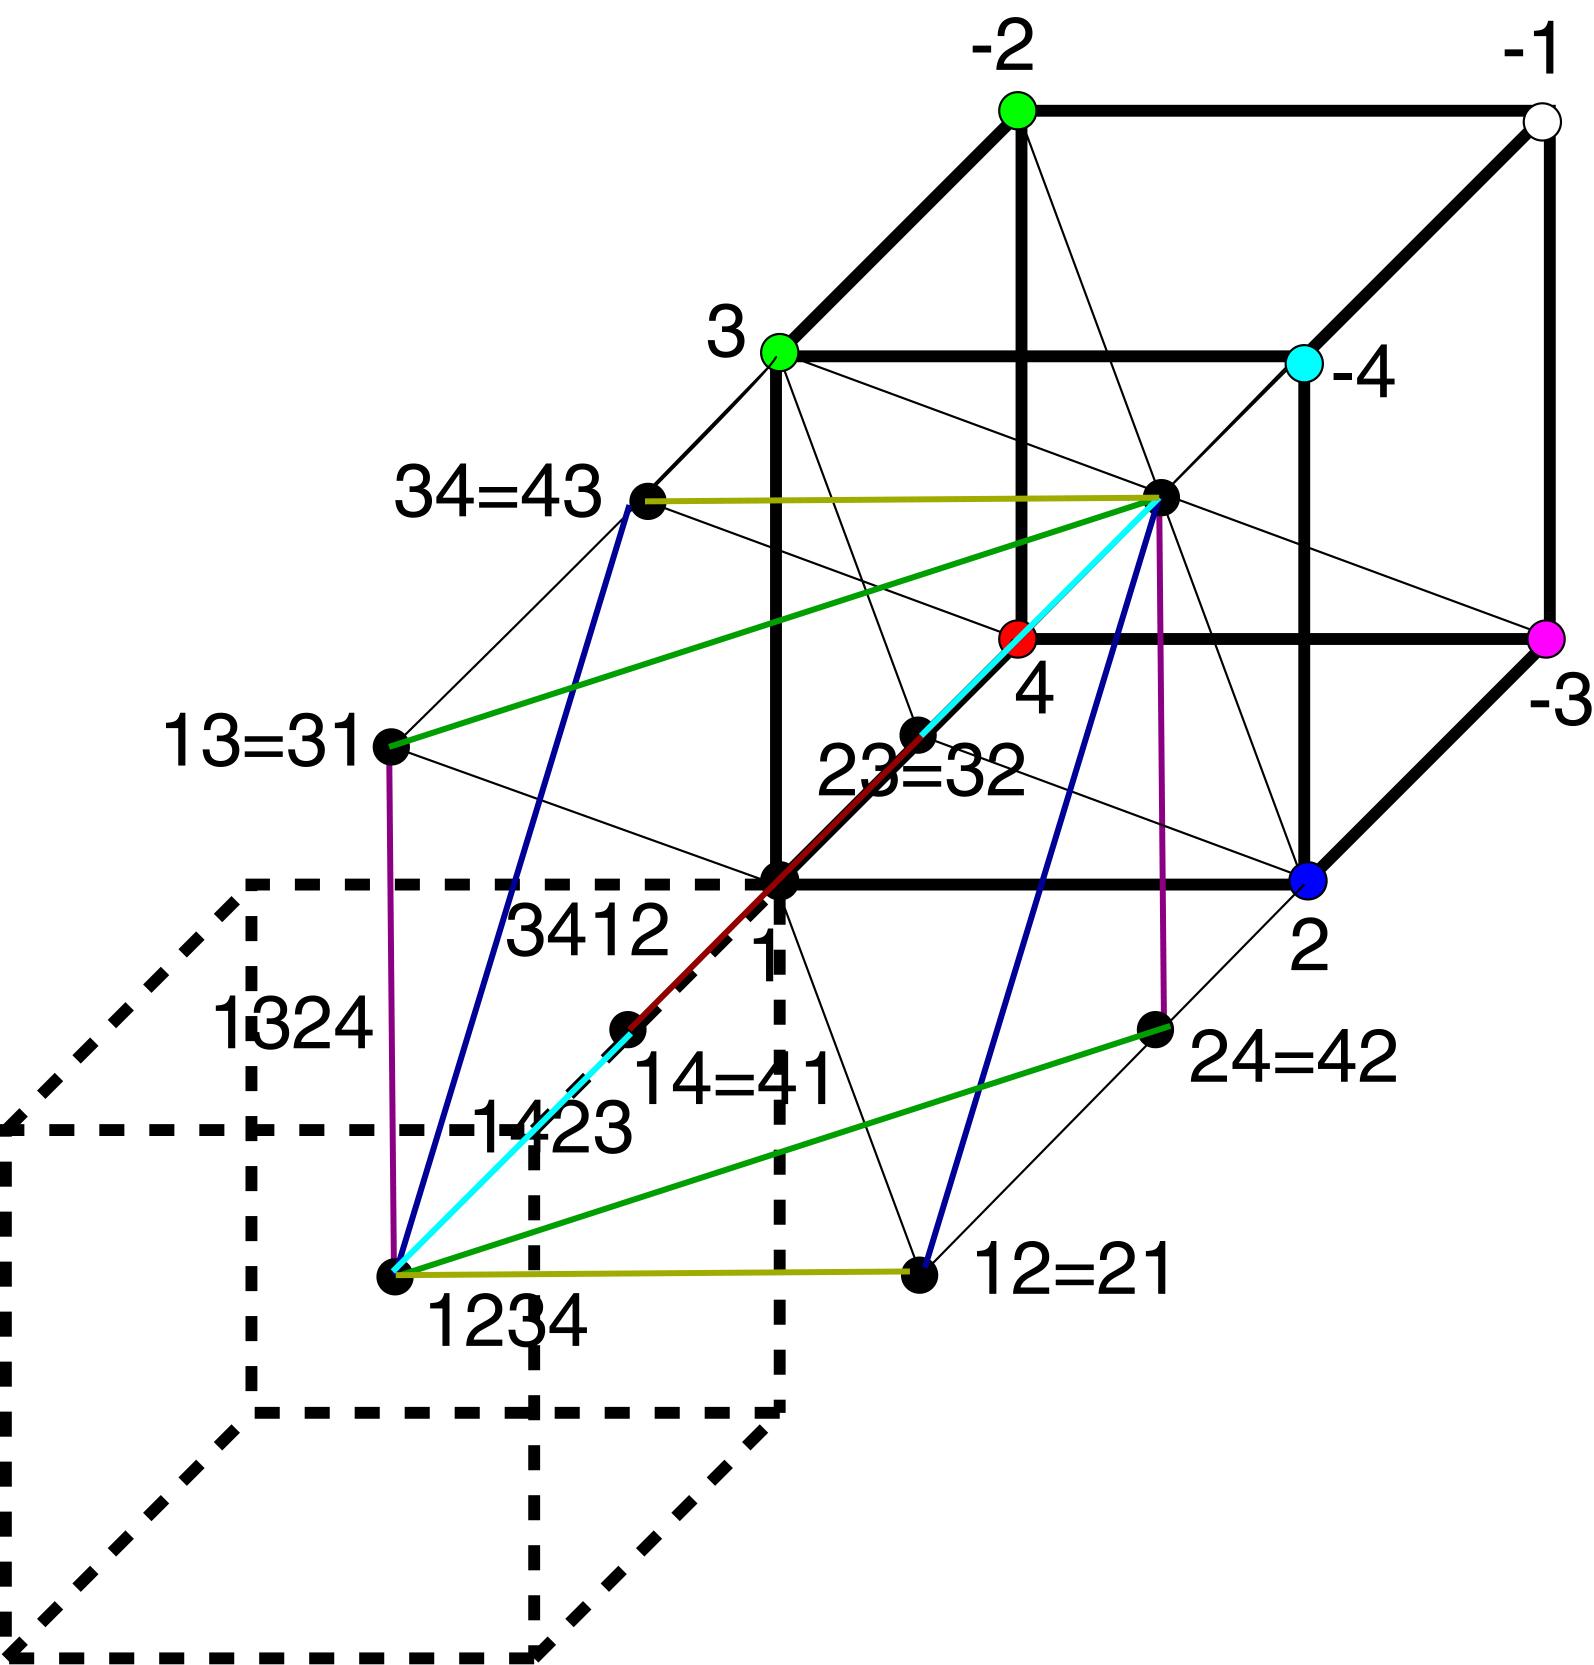 Рисунок 2. Все положительные дискурсы суть одно. Квадратный корень из куба обратного единого заряда - 1/z6. Дискурсивное